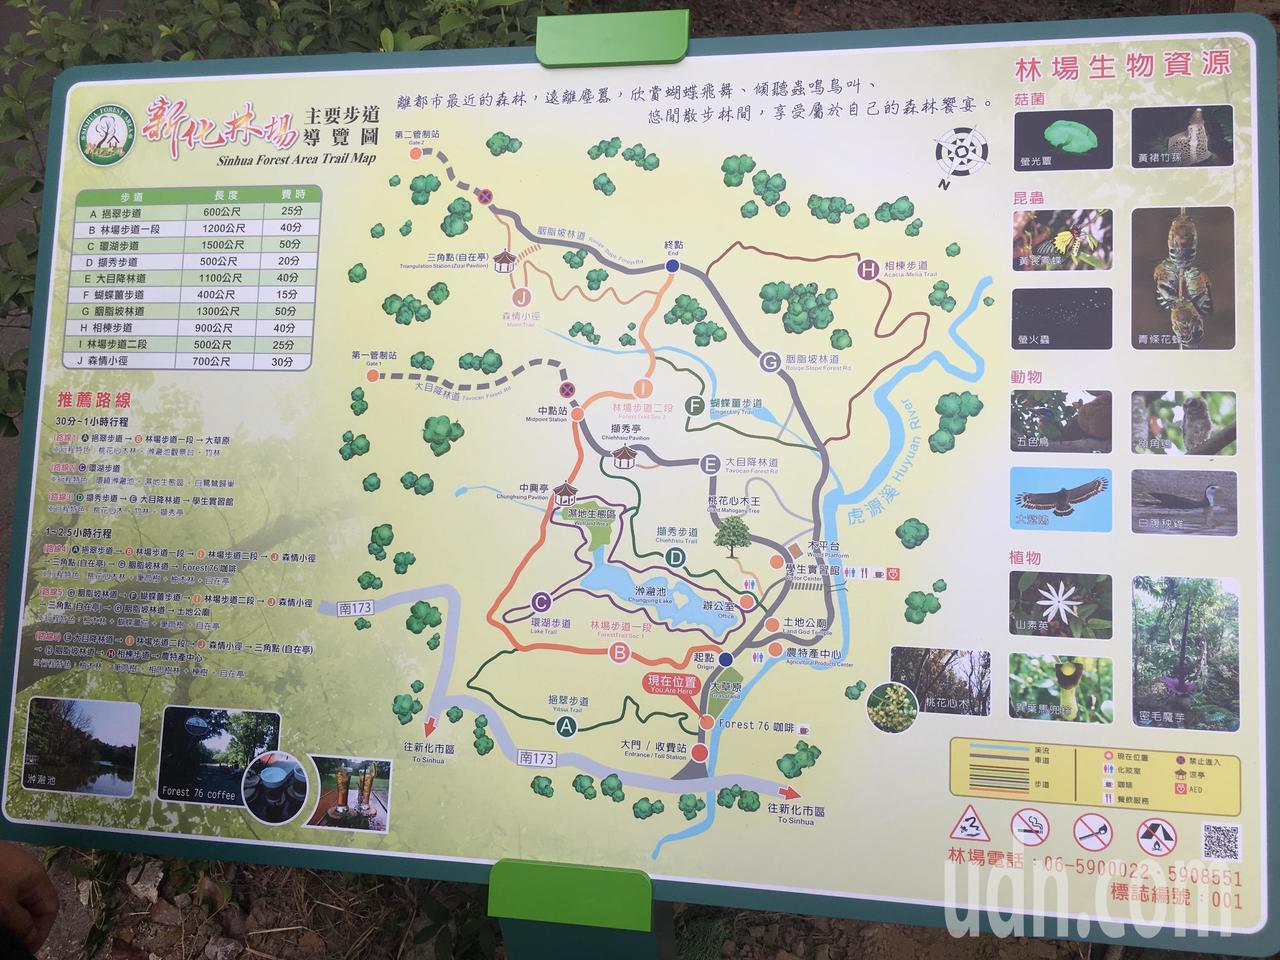 中興大學新化林場全面更新步道導覽地圖及指標。記者吳淑玲/攝影